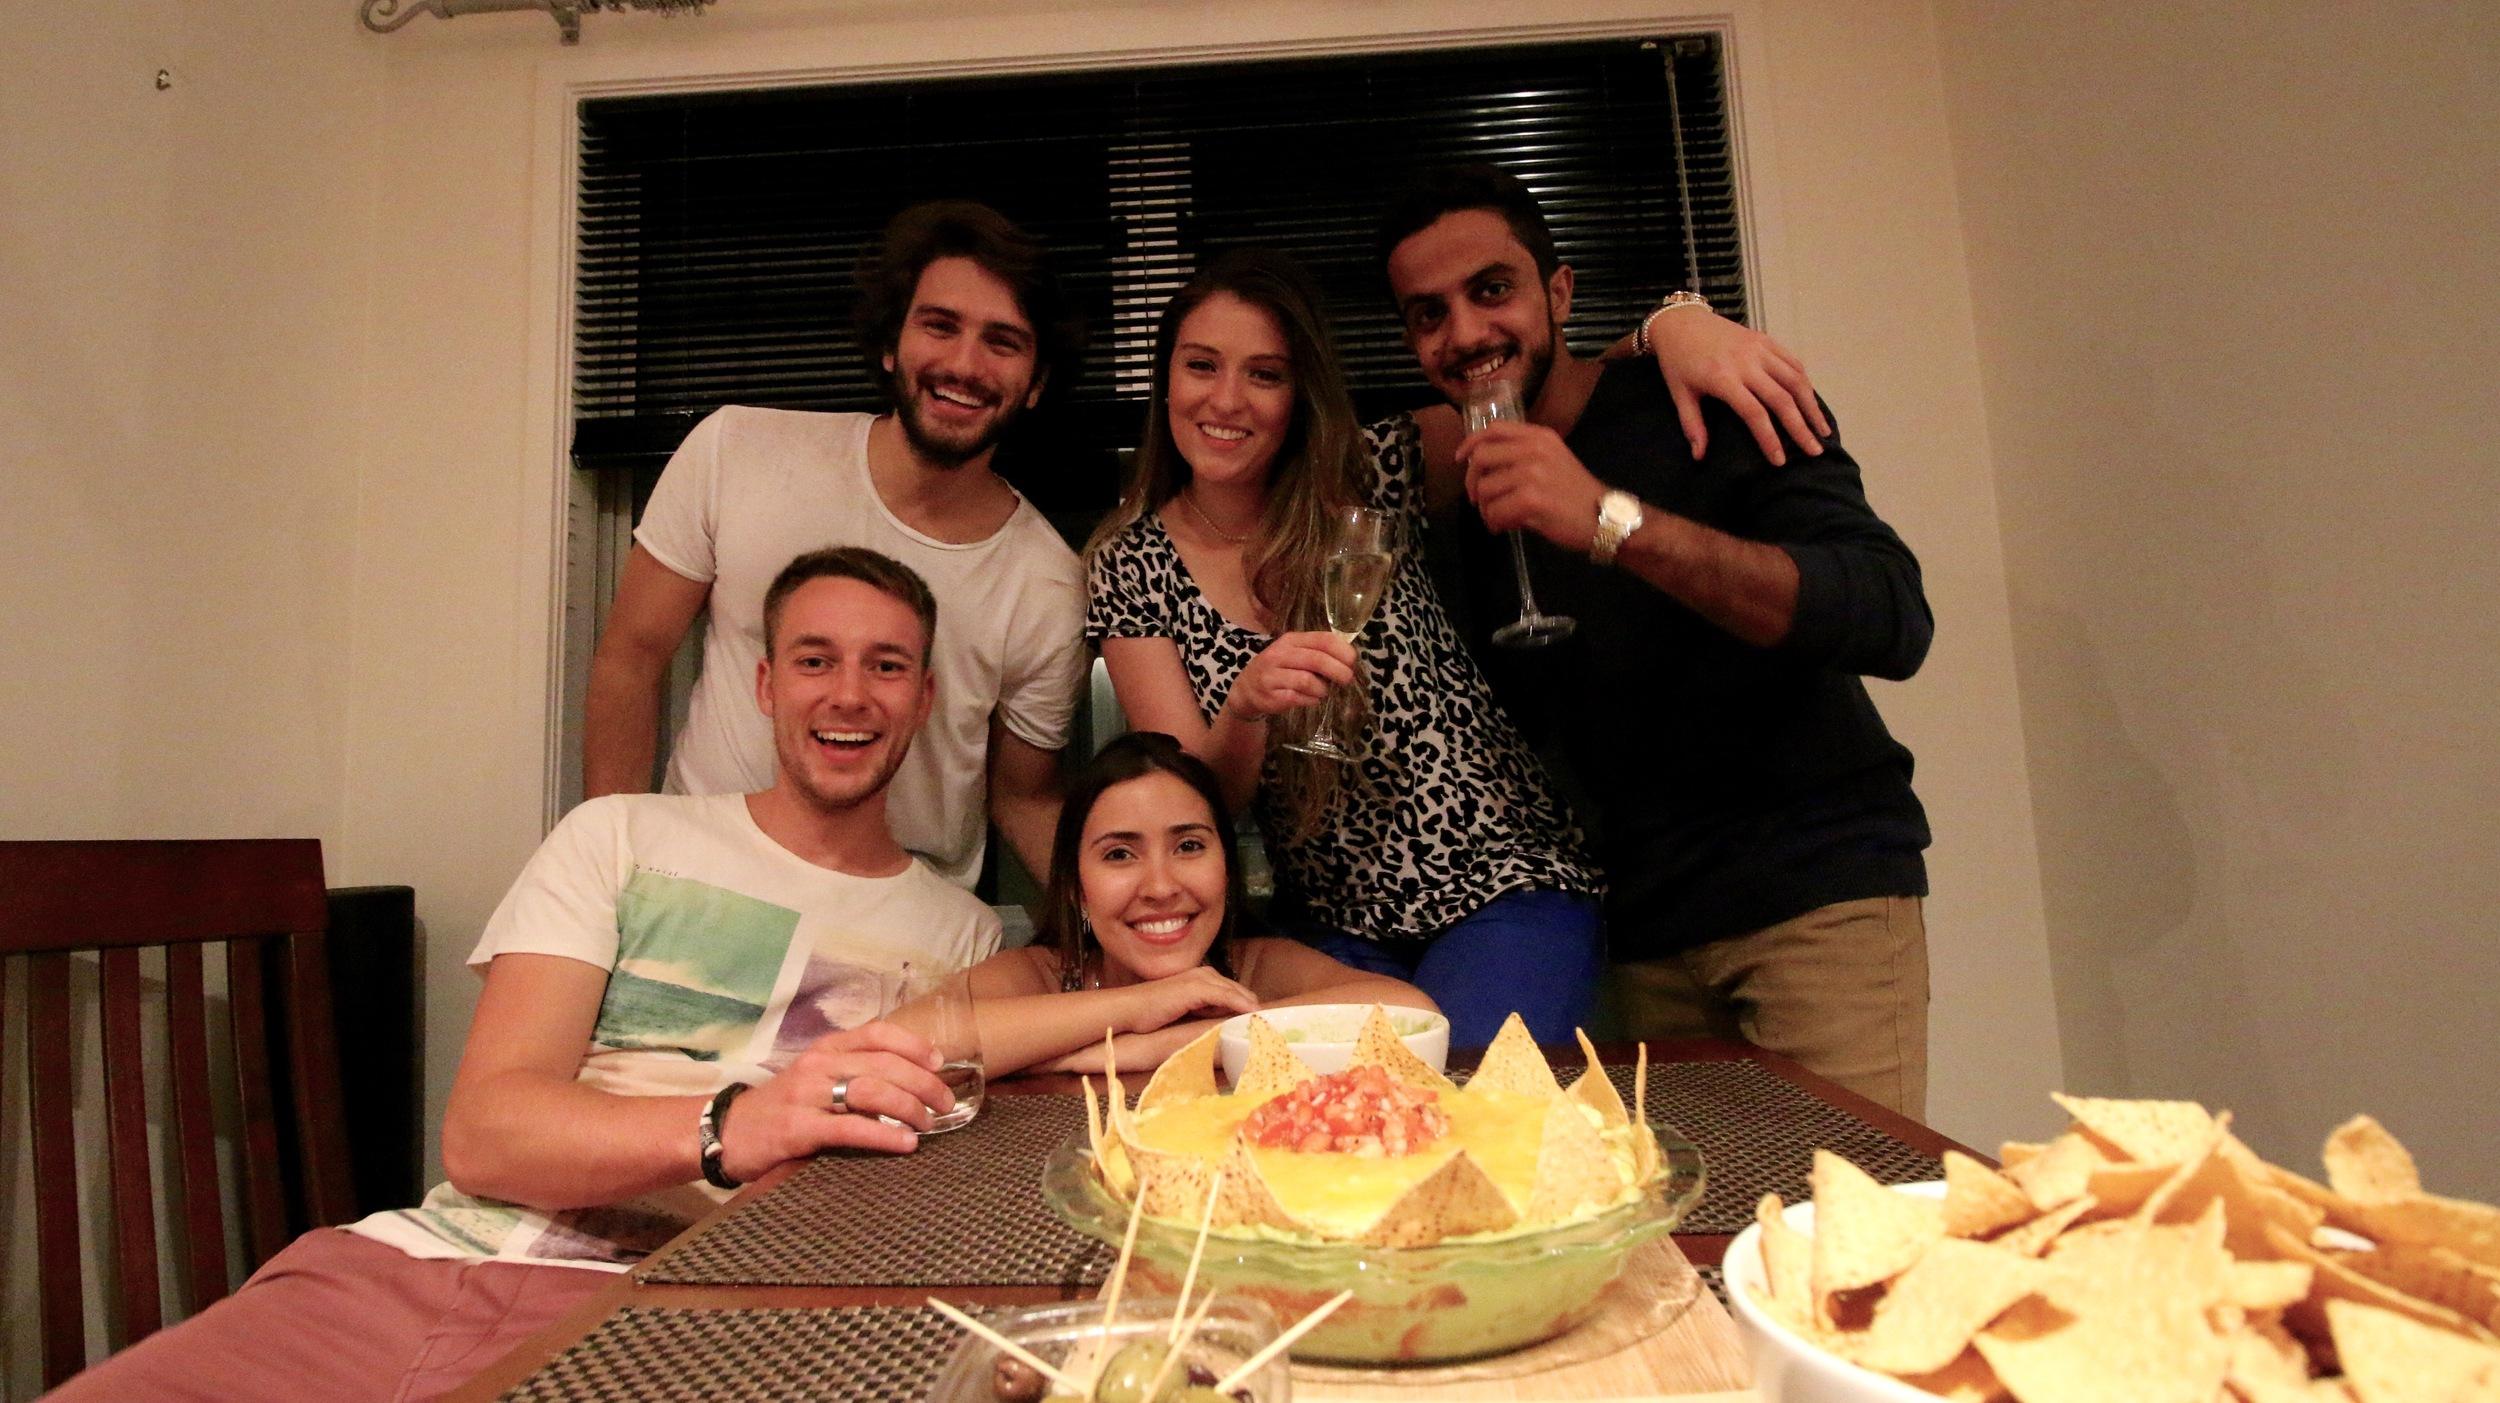 Fabio, Dani, Salim, Me and Ana